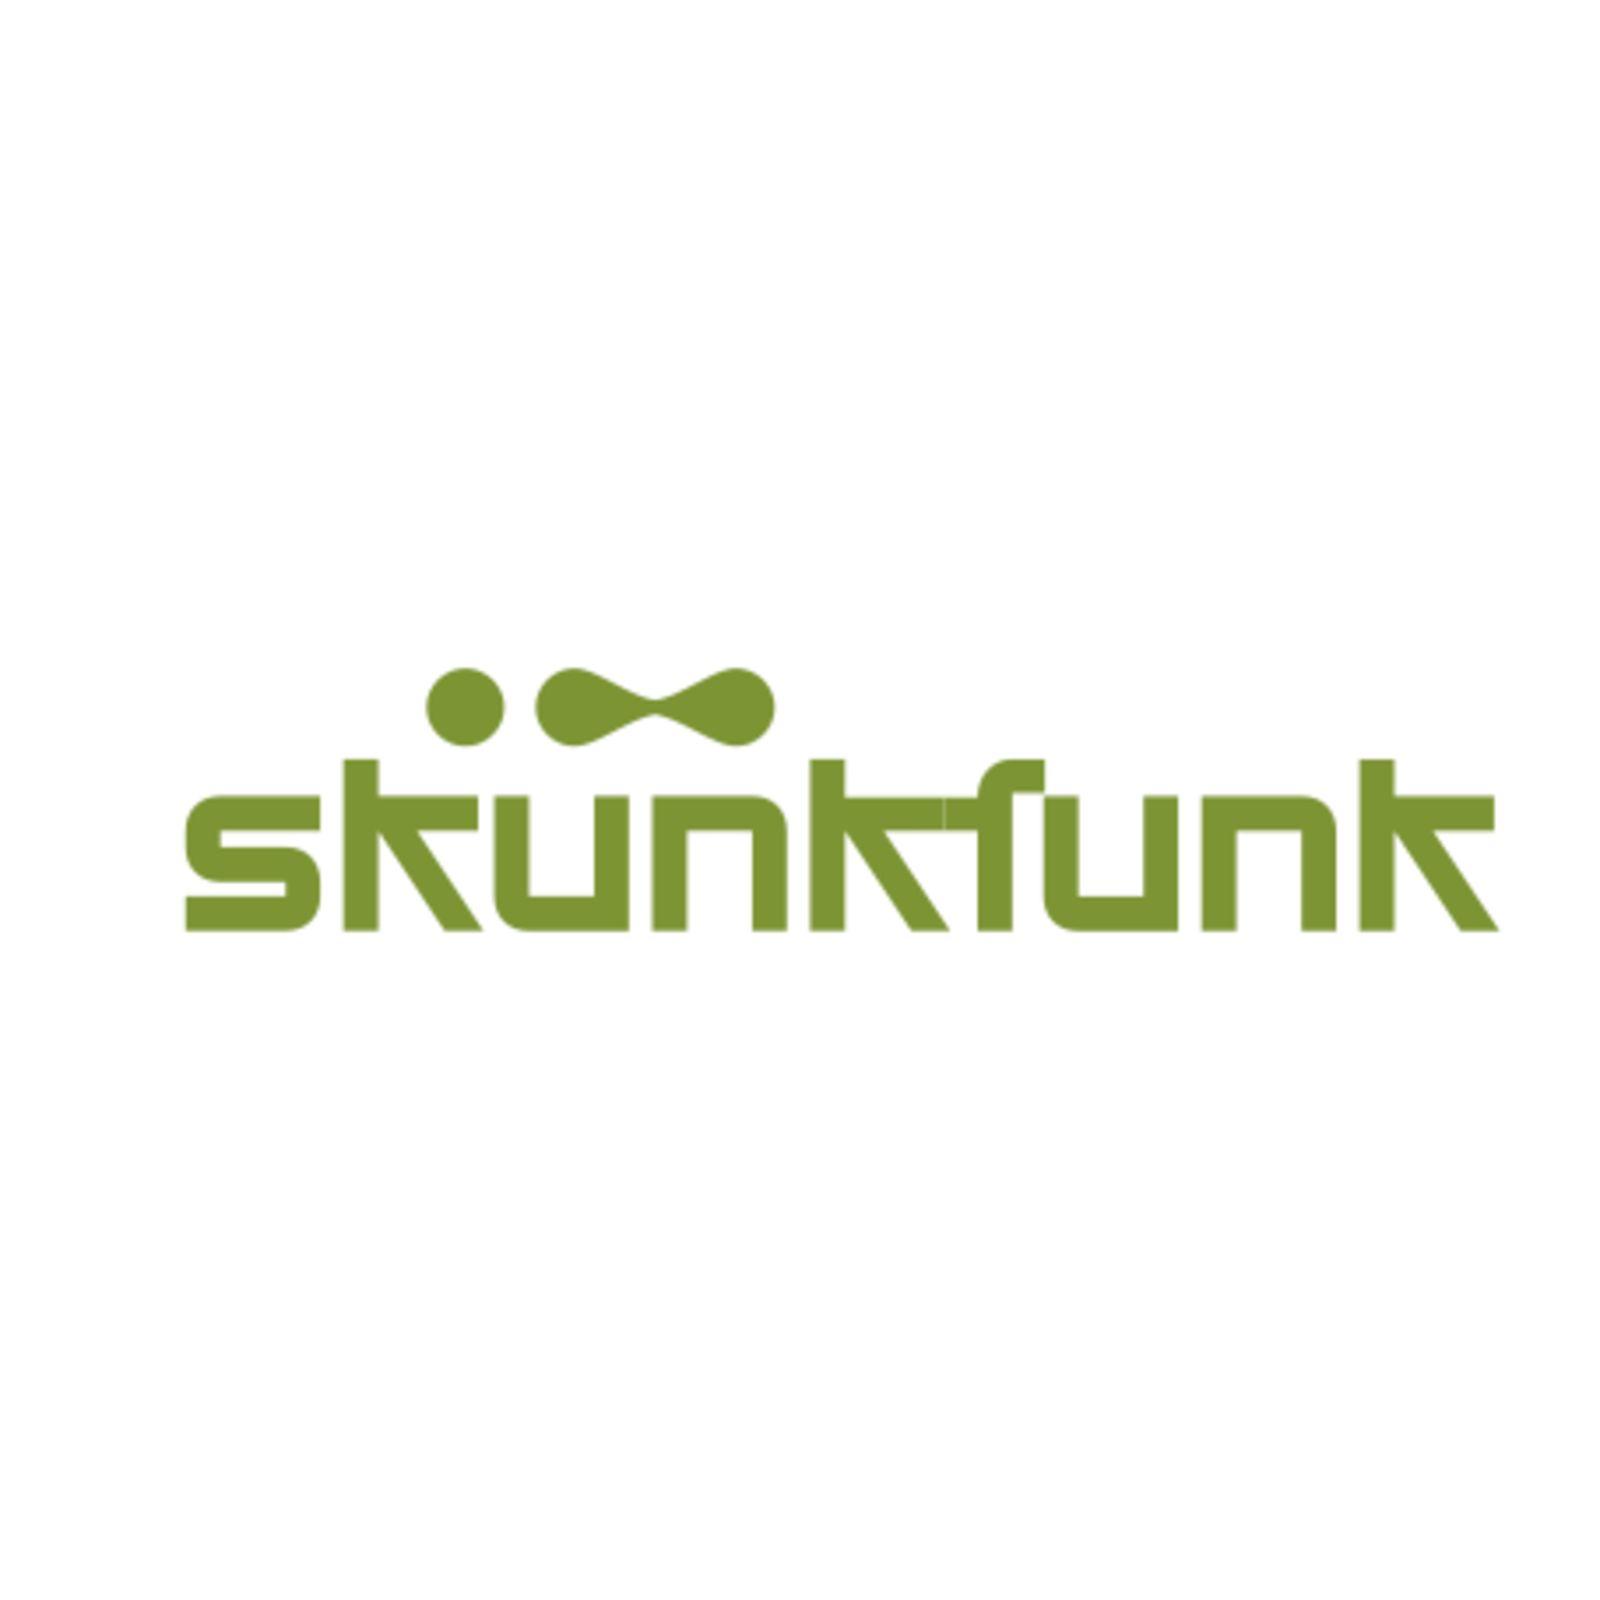 Skunkfunk (Image 1)